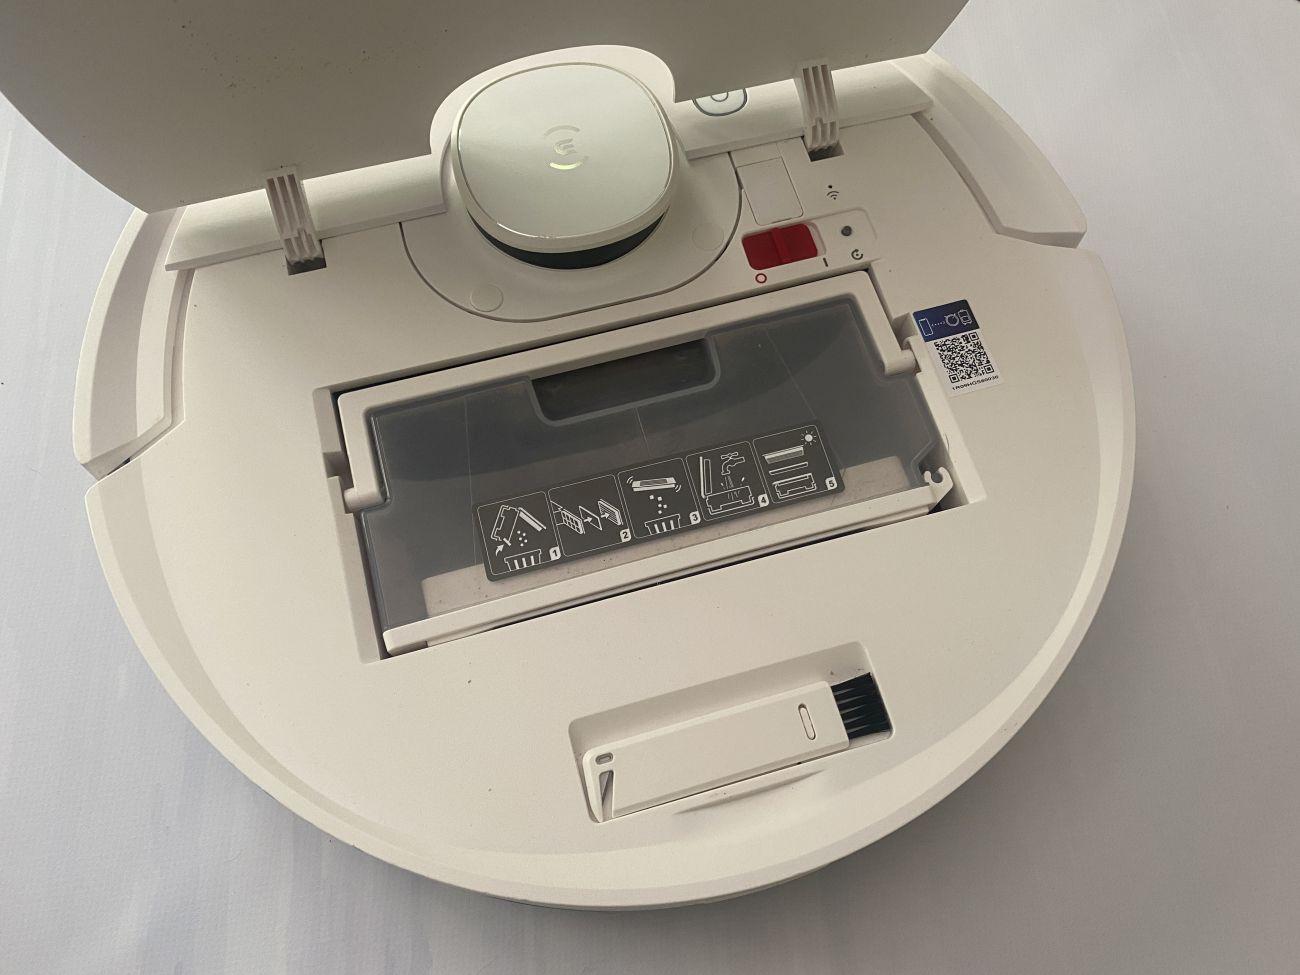 Ecovacs Deebot T9 otwarta klapa wierzchu robota sprzątającego